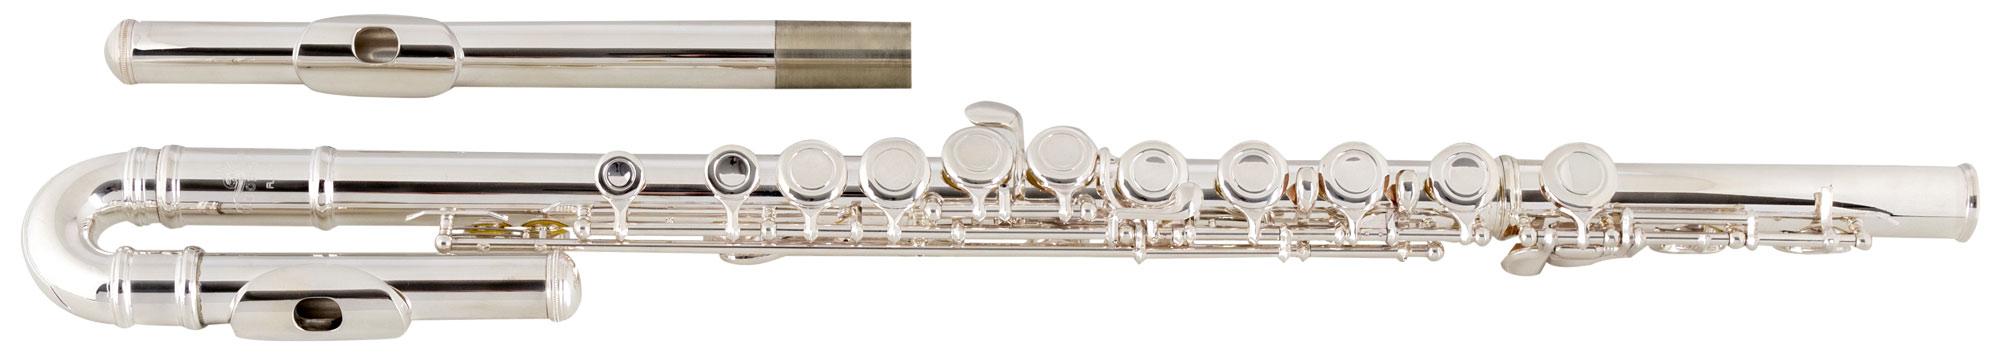 Sonstigeblasinstrumente - Lechgold FL 320U Querflöte - Onlineshop Musikhaus Kirstein